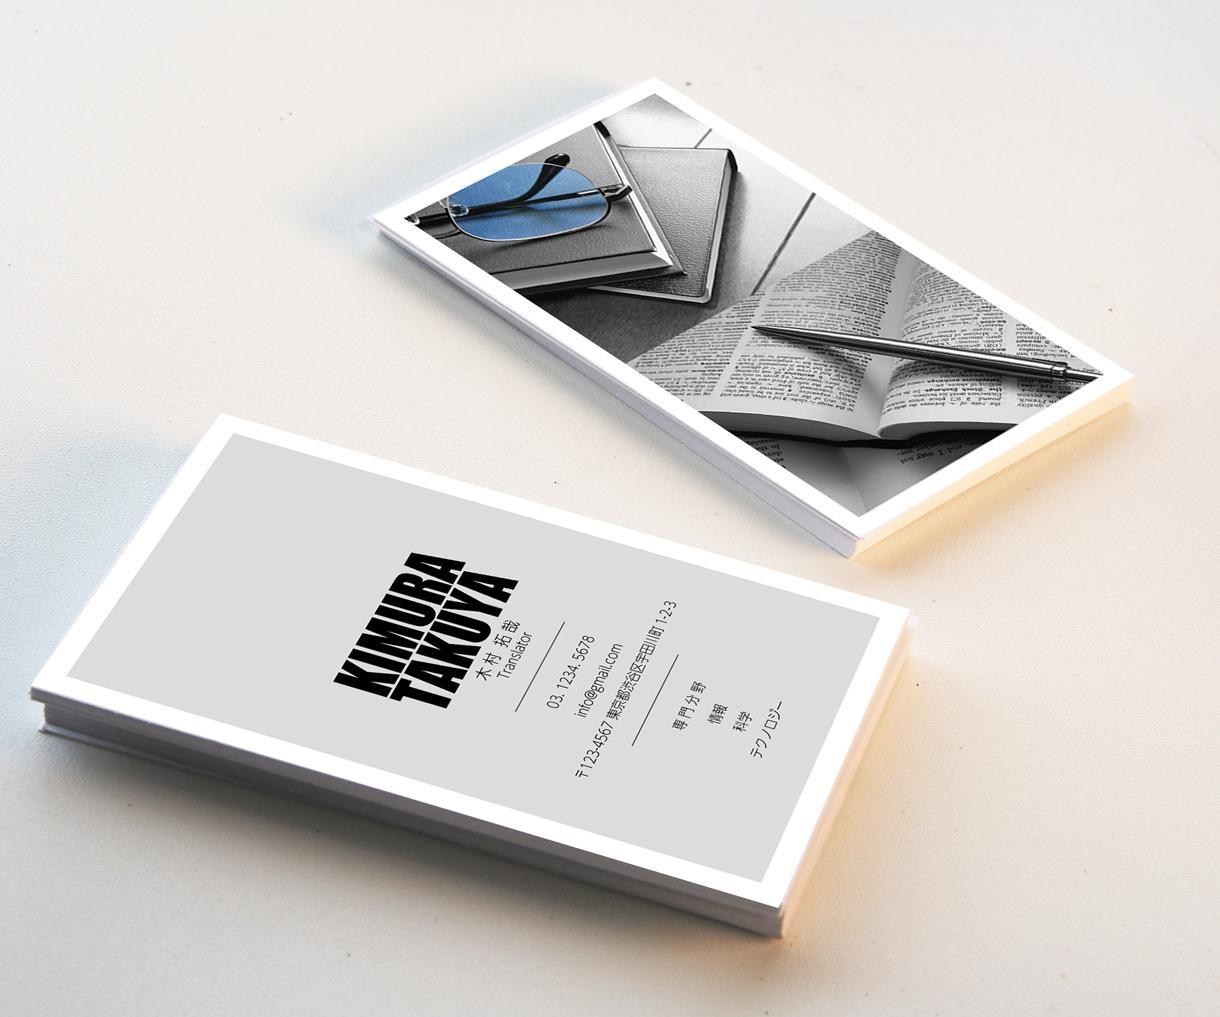 プロのデザイナーが記憶に焼き付ける名刺を制作します お洒落で印象的なあなただけのオリジナル名刺を作りませんか? イメージ1